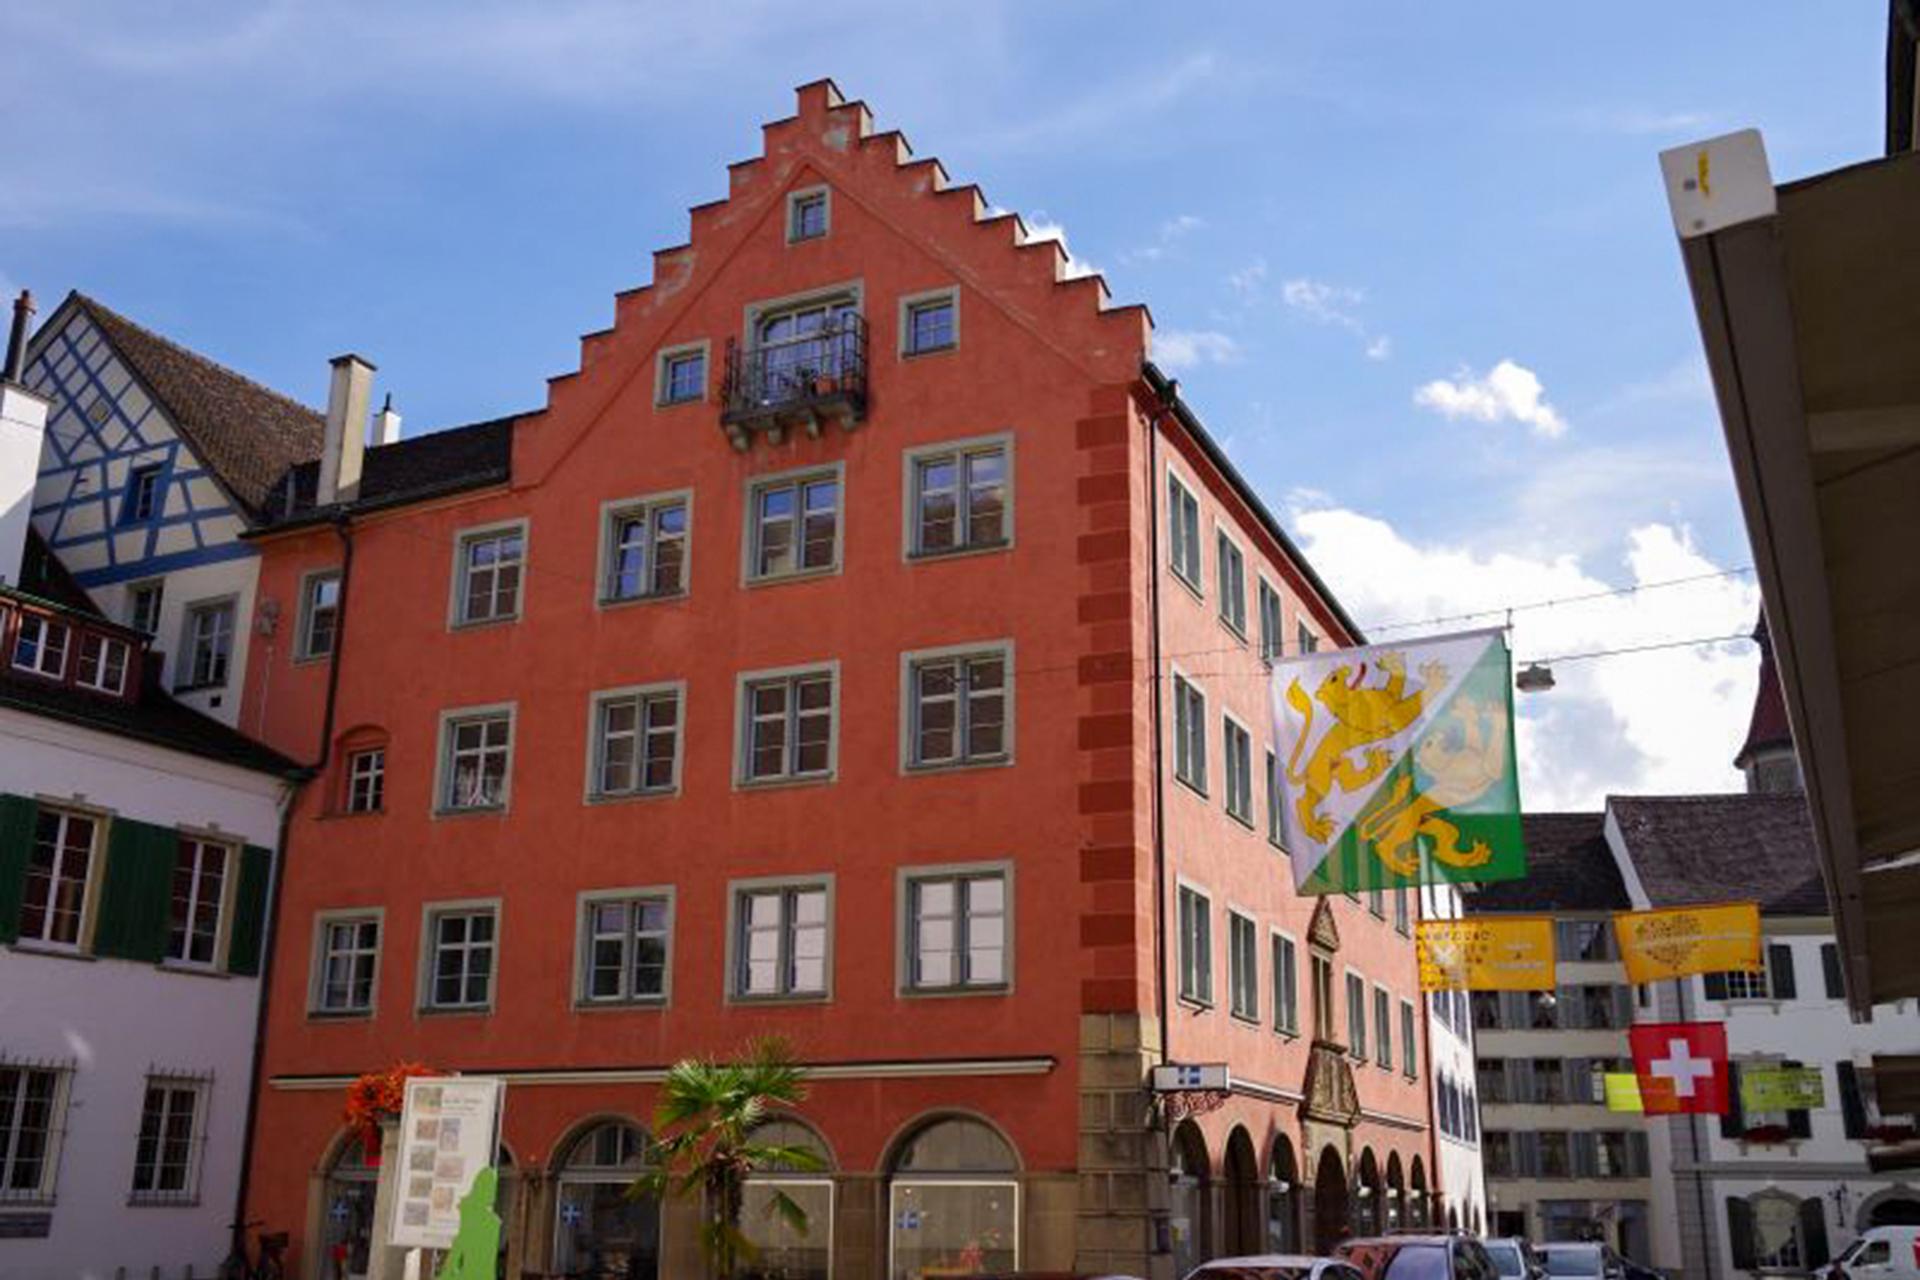 191125-Zahnarztpraxis-Dr-Oldertrøen-Frauenfeld-Gebaeude-von-aussen-1920x1280-colored